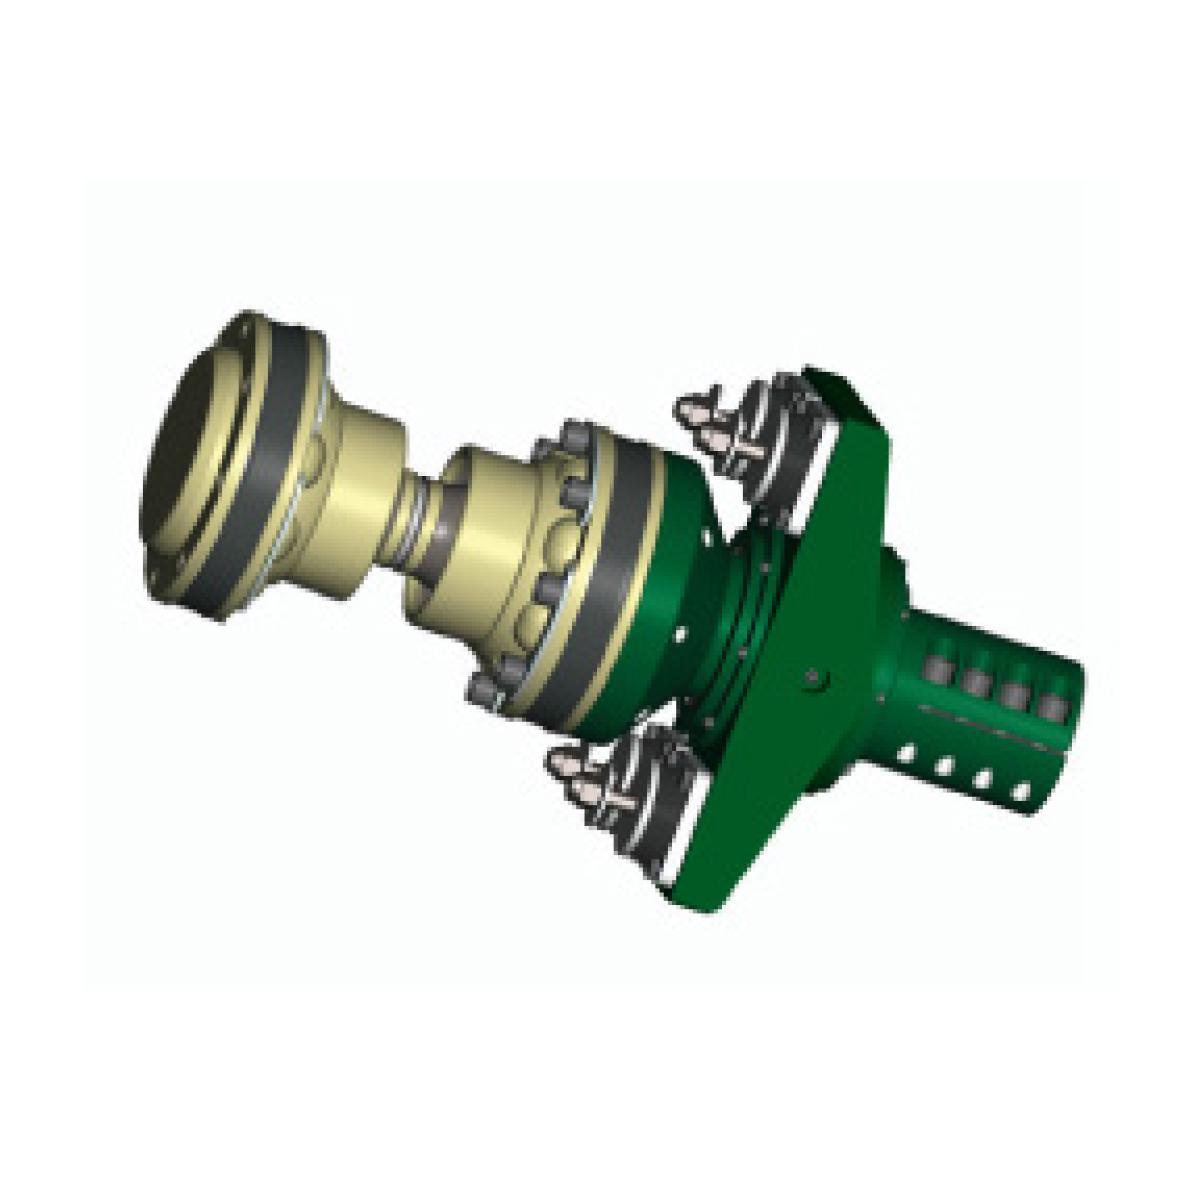 Aquadrive Antivibration System Hdl 48 690 Capella